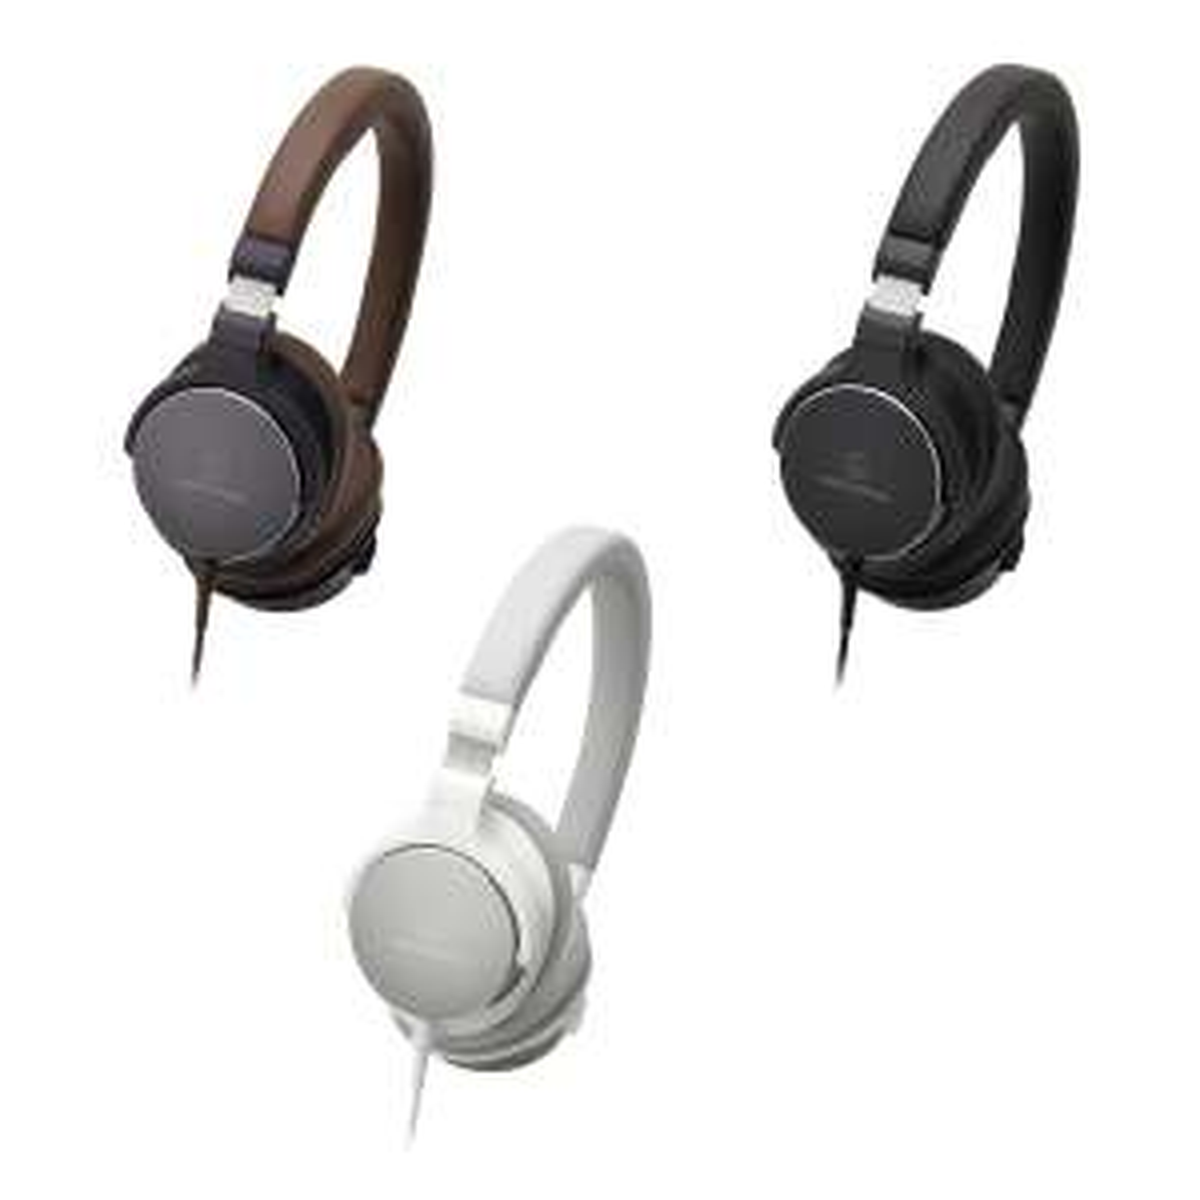 Słuchawki nauszne AUDIO-TECHNICA ATH-SR5WH Biały MEDIA EXPERT